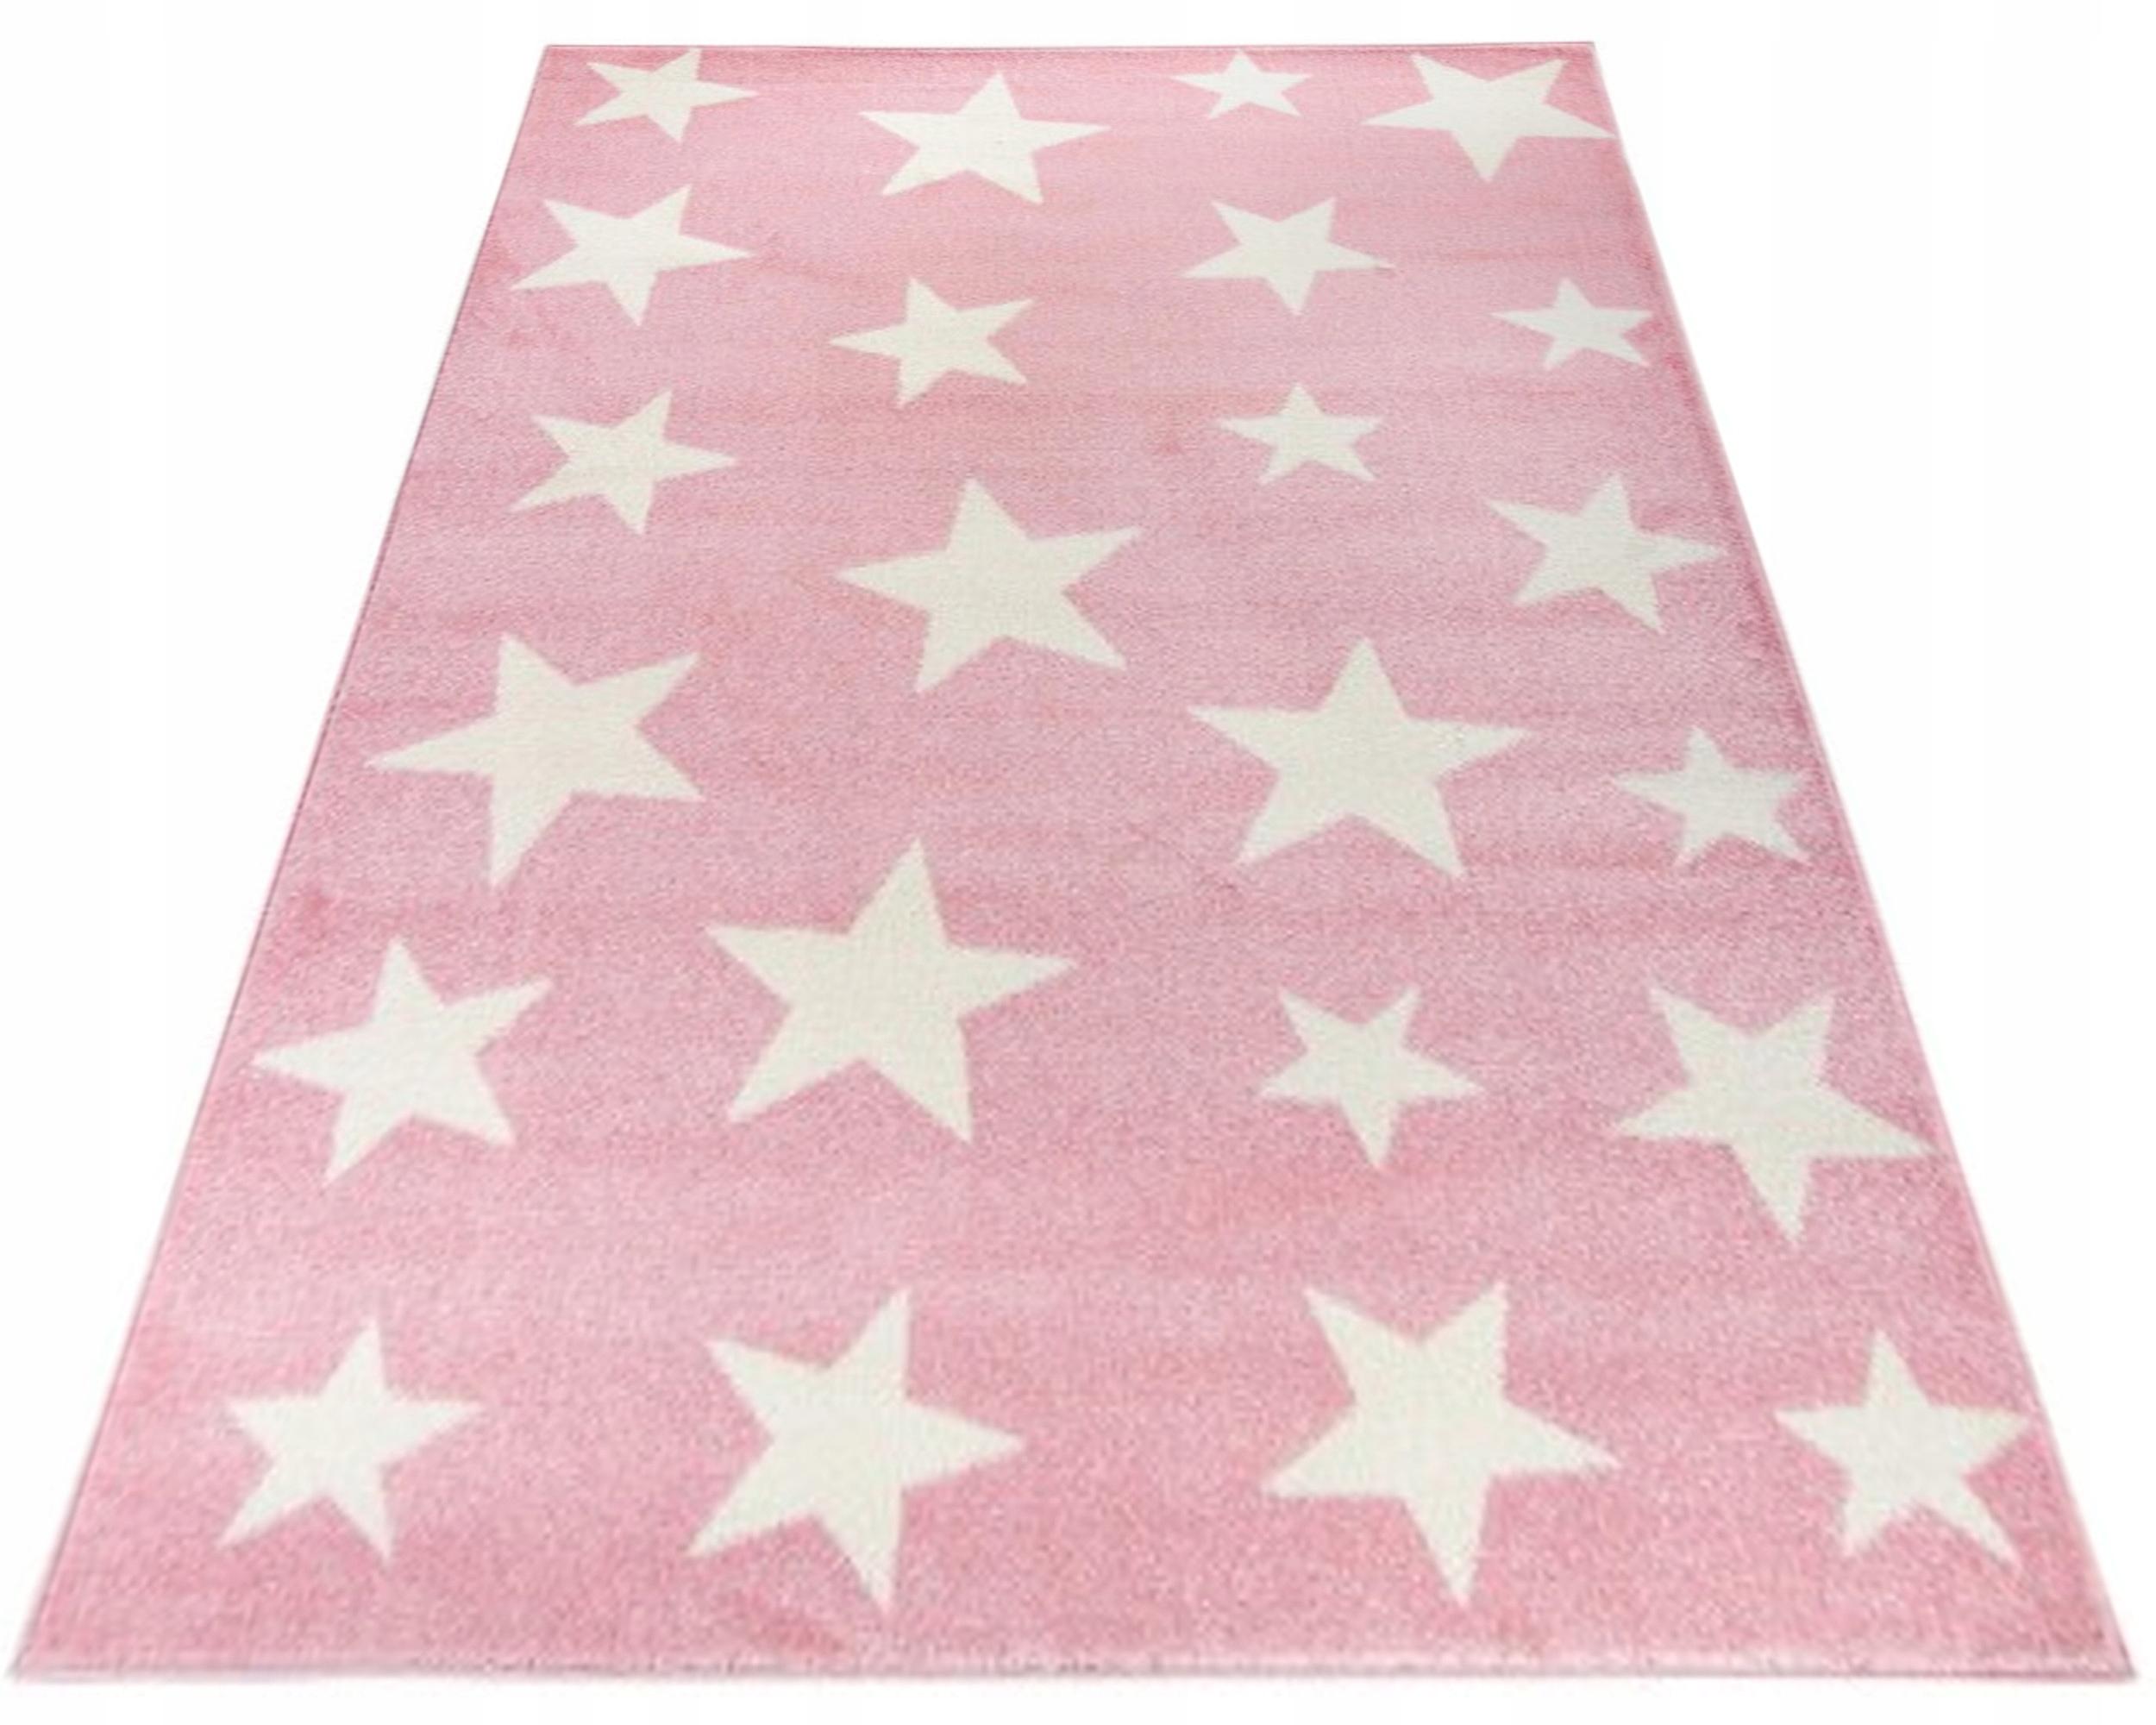 Modny Dywan 140x200 Różowy Dla Dziewczynki Stars